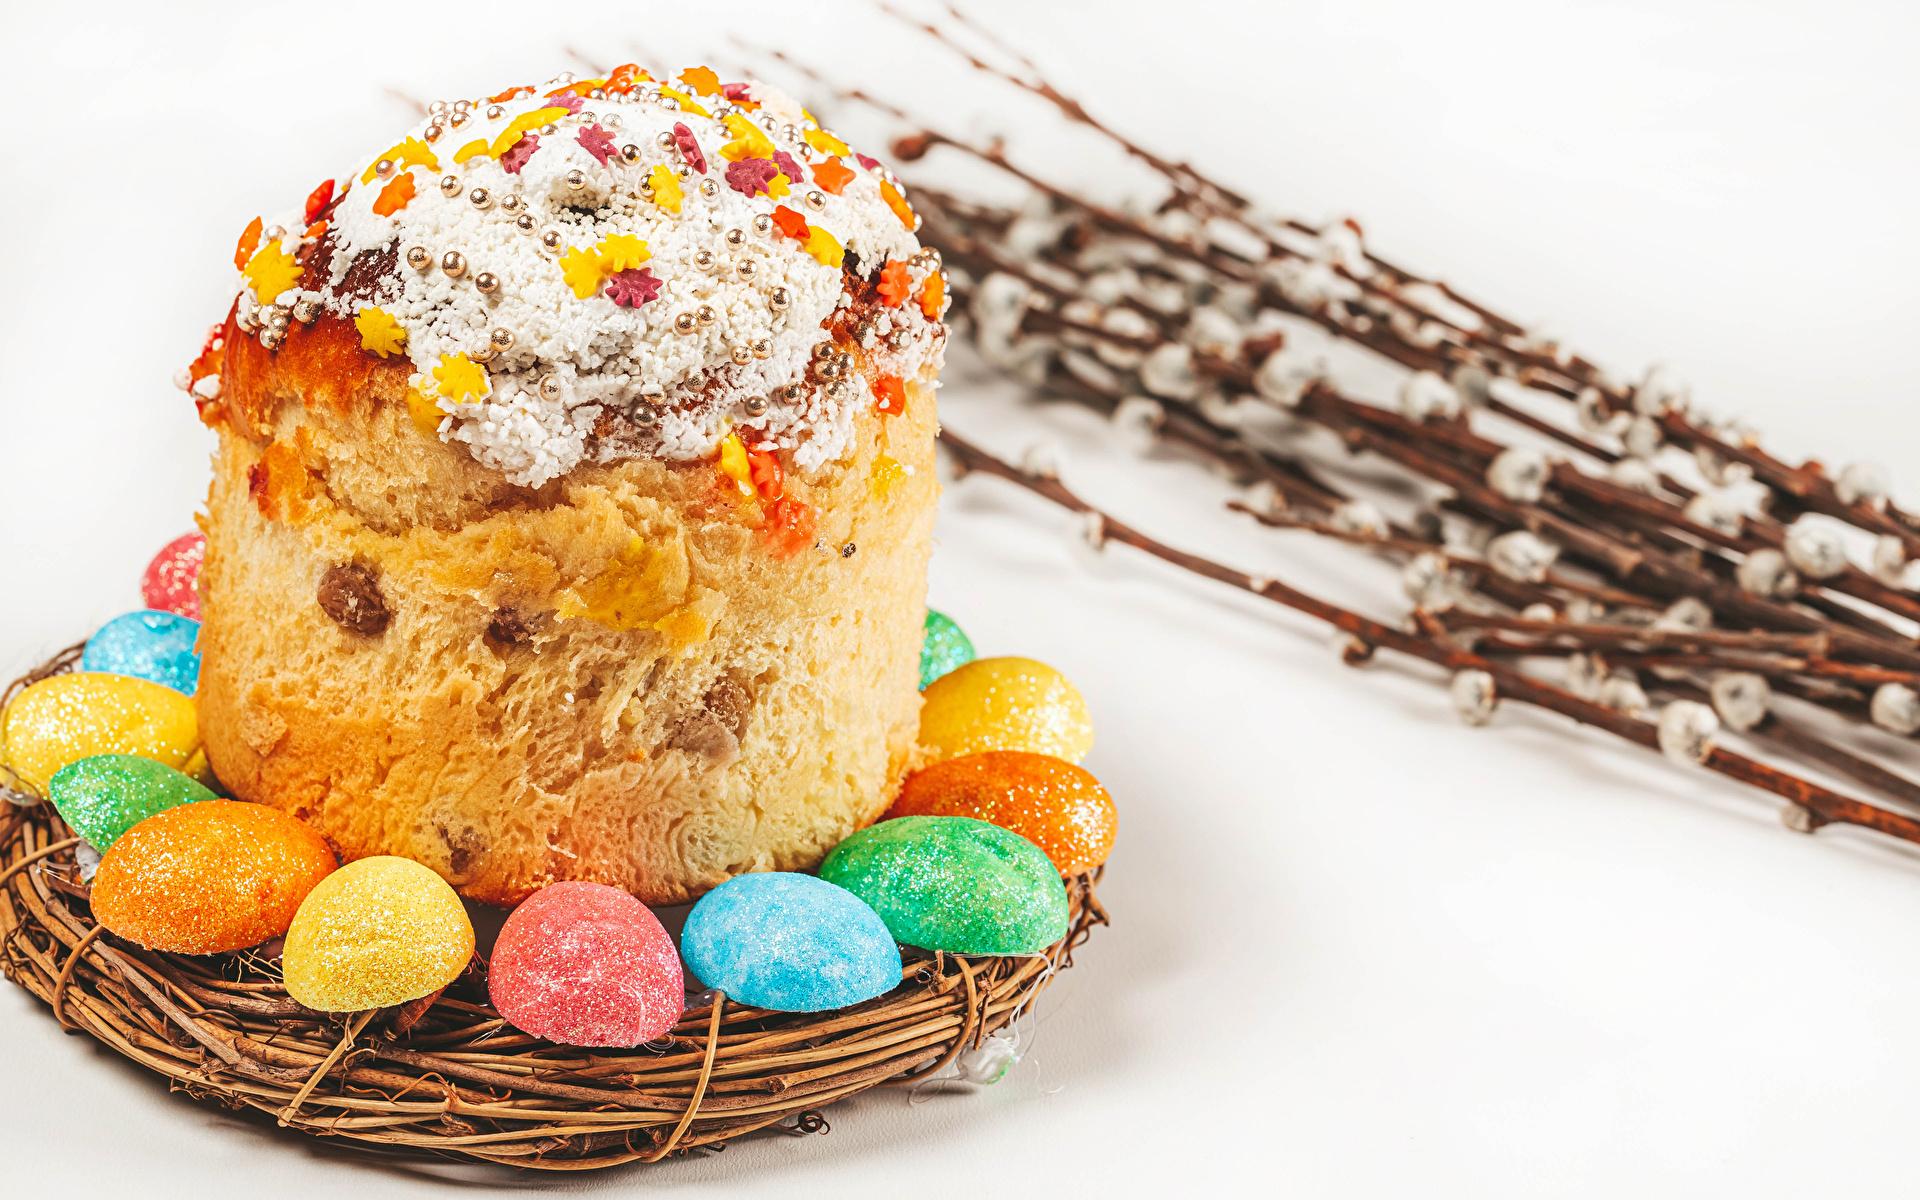 Foto Ostern eier Nest Kulitsch Ast Lebensmittel Weißer hintergrund 1920x1200 Ei das Essen